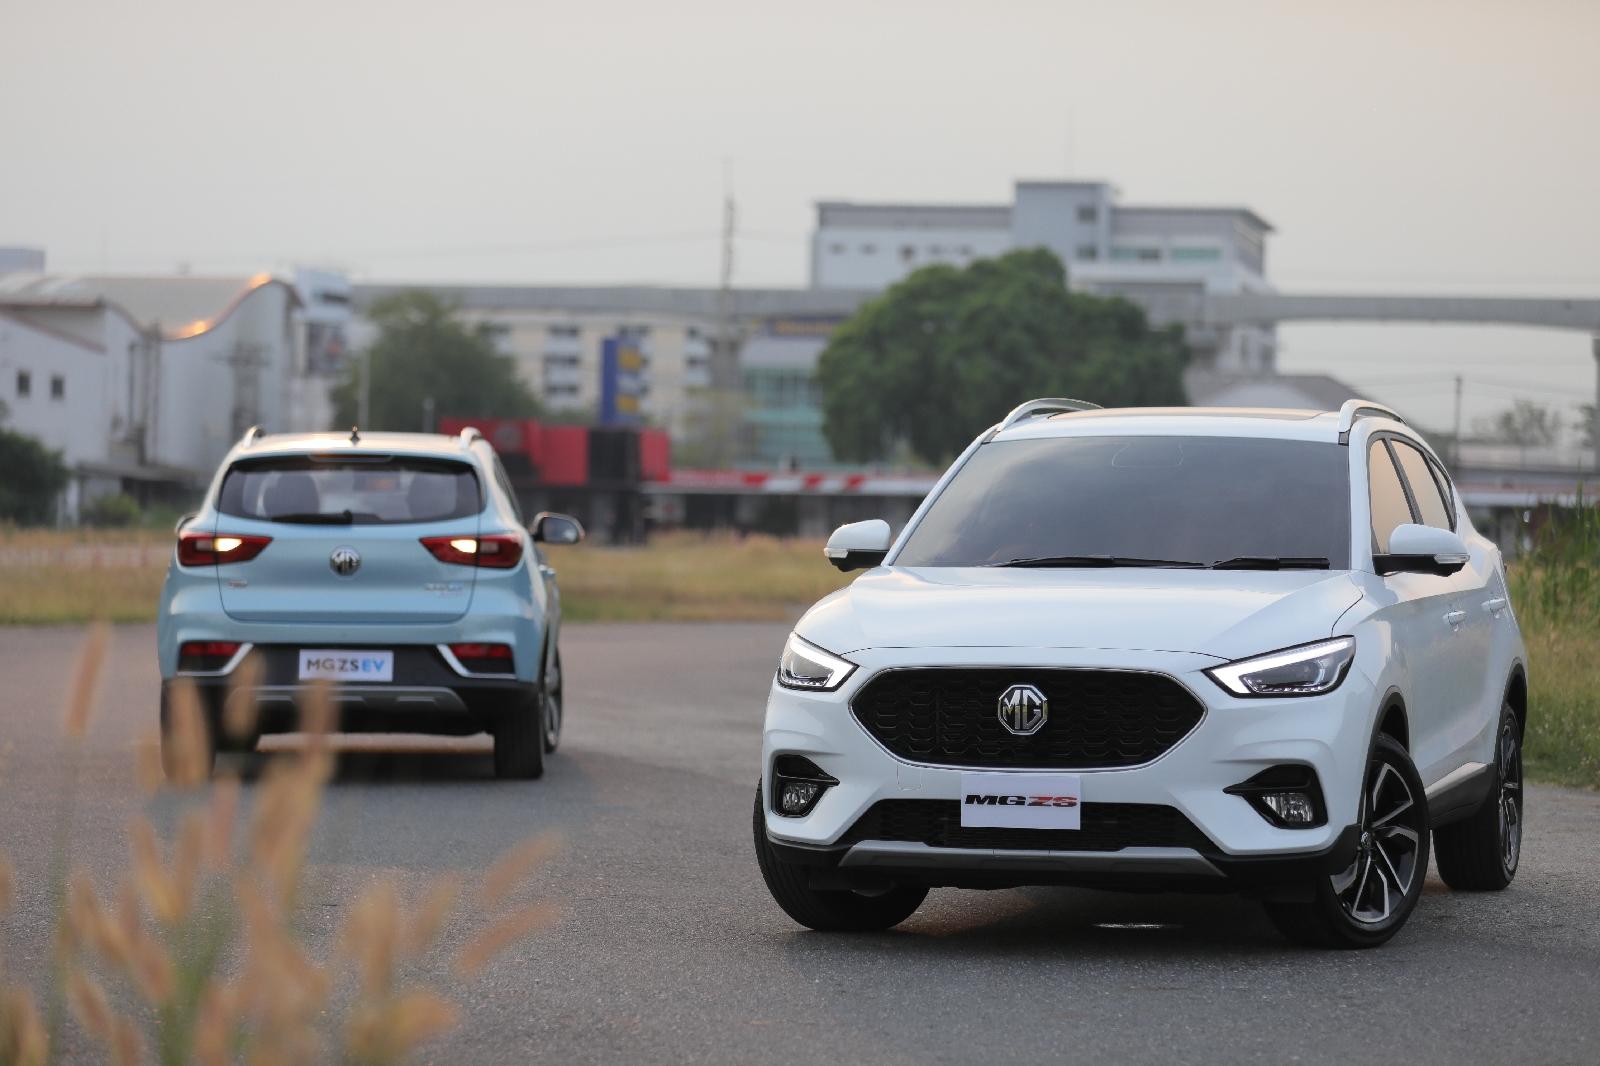 MG เผยยอดขายปี 2563 โตขึ้น 7% ย้ำชัดเป็นผู้นำกลุ่มรถยนต์ SUV และรถยนต์พลังงานไฟฟ้า